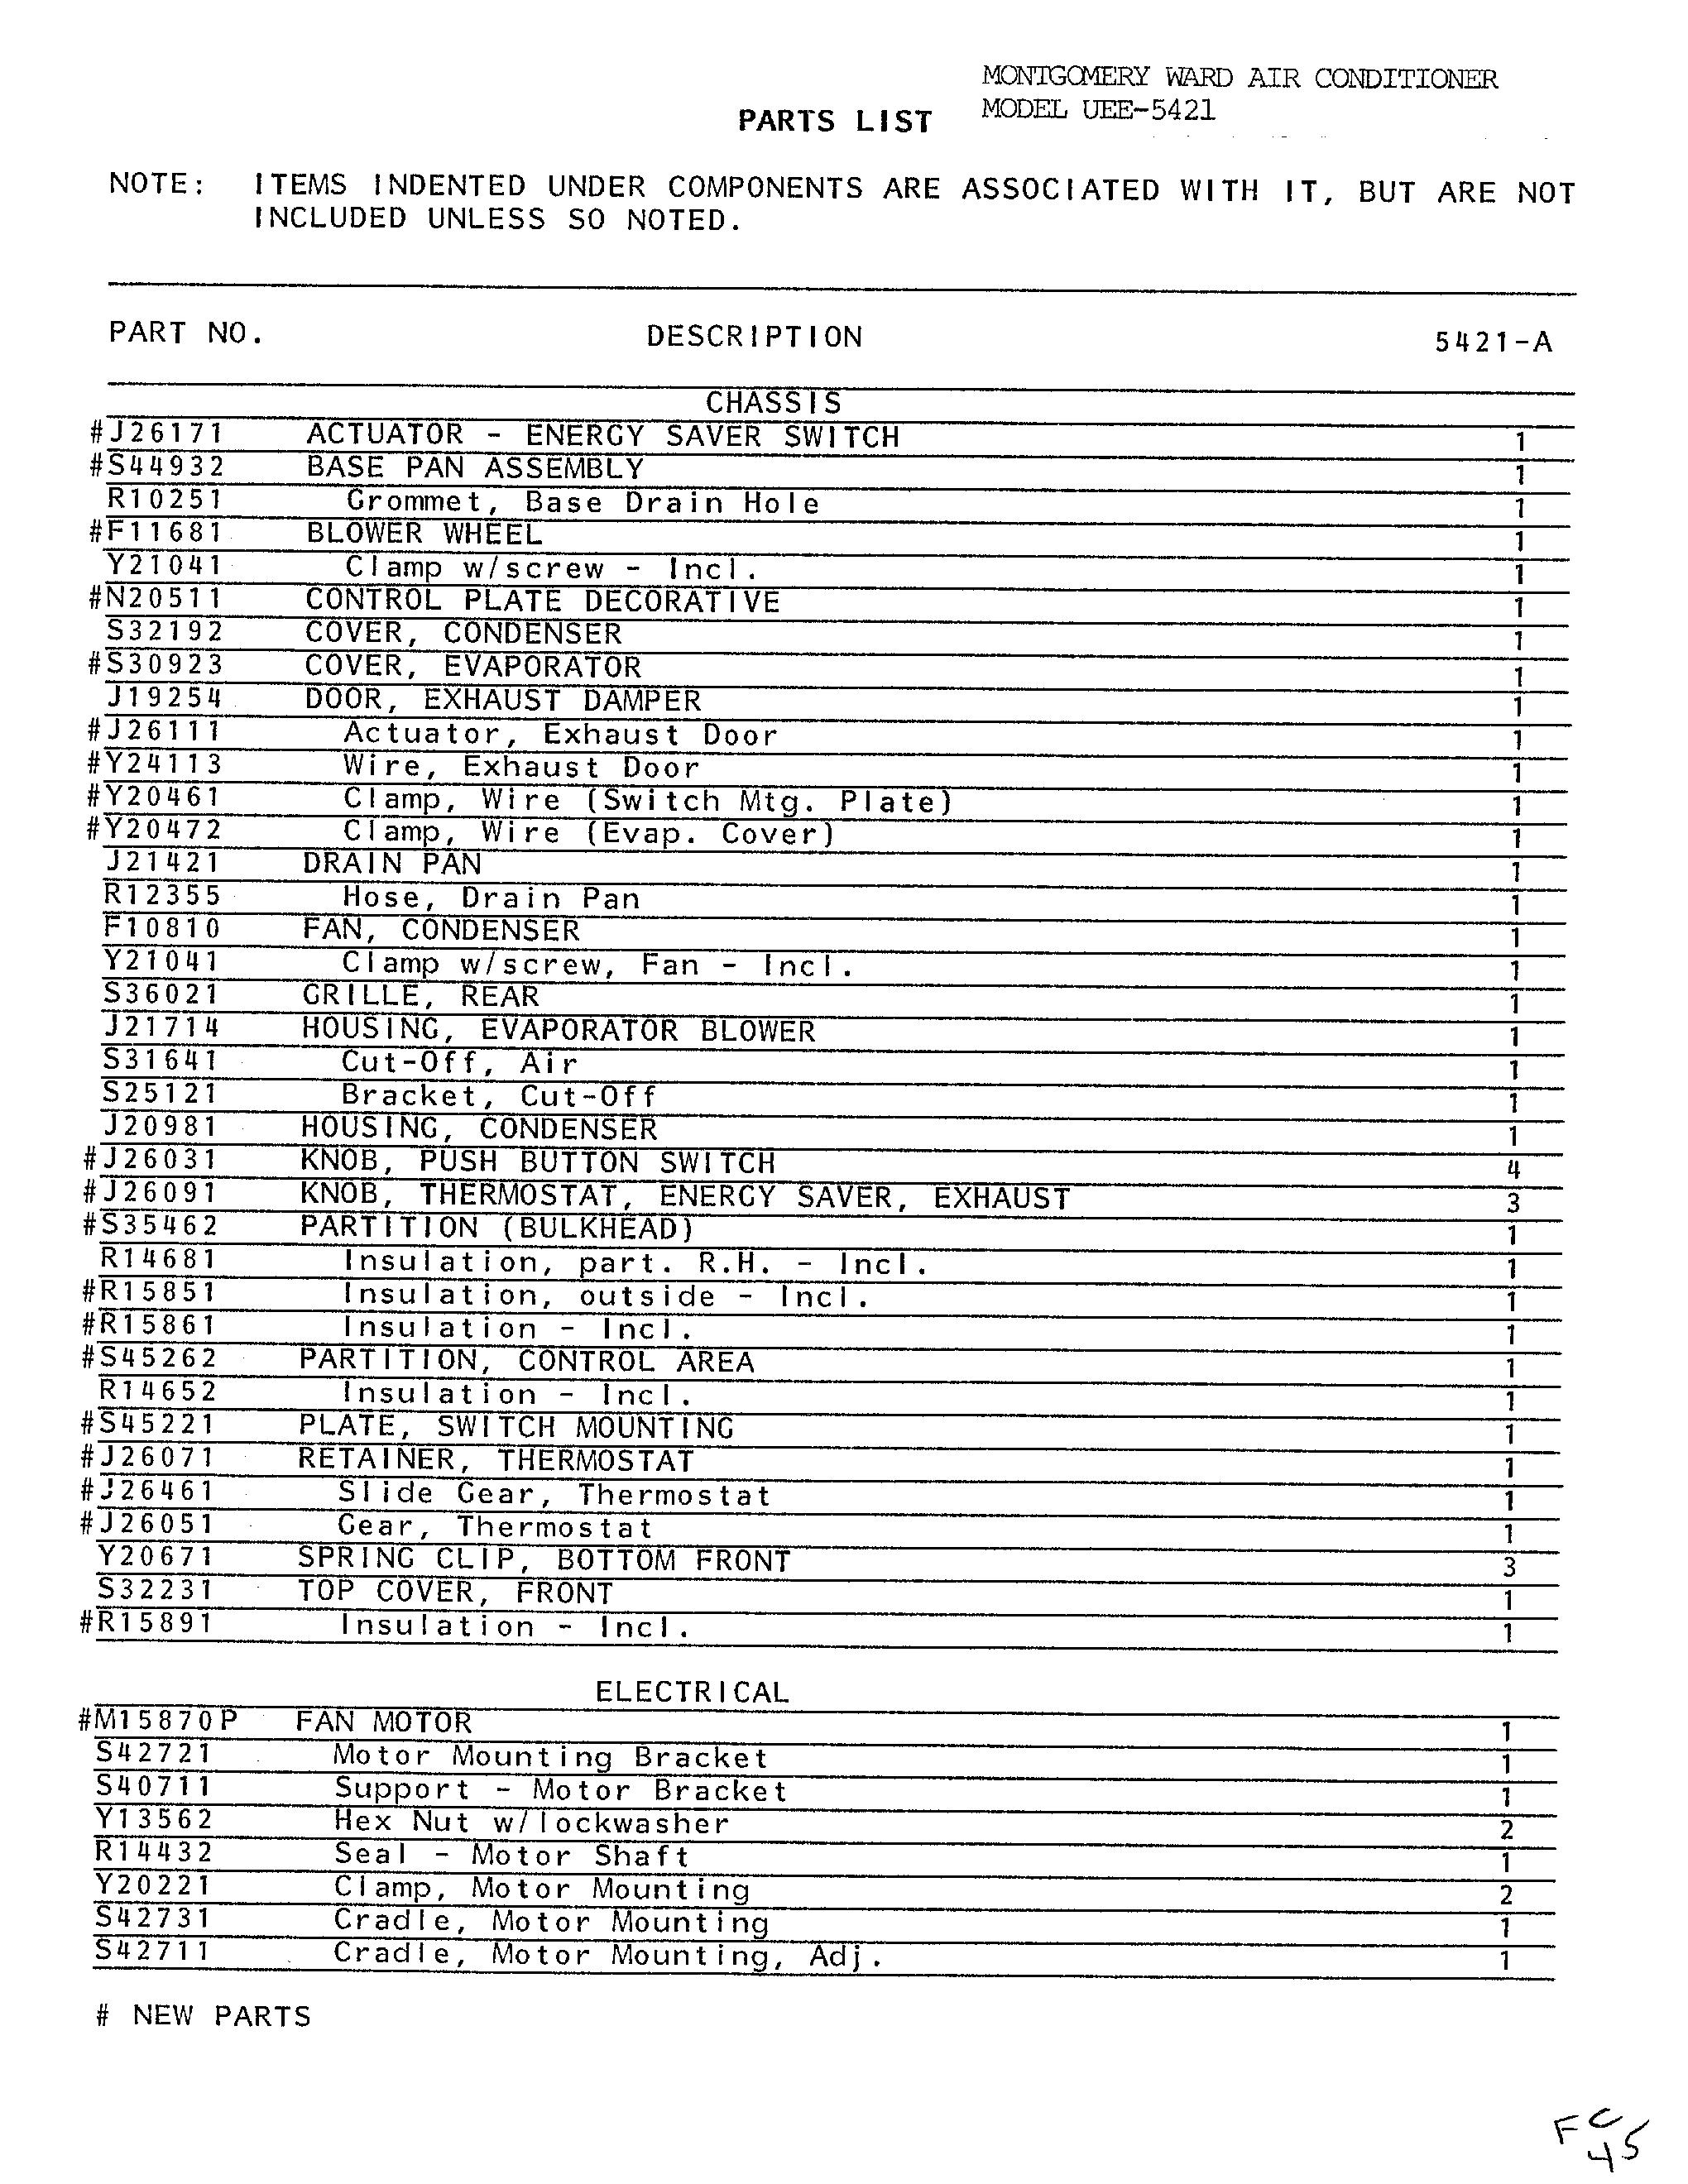 Emerson Air Conditioner Parts